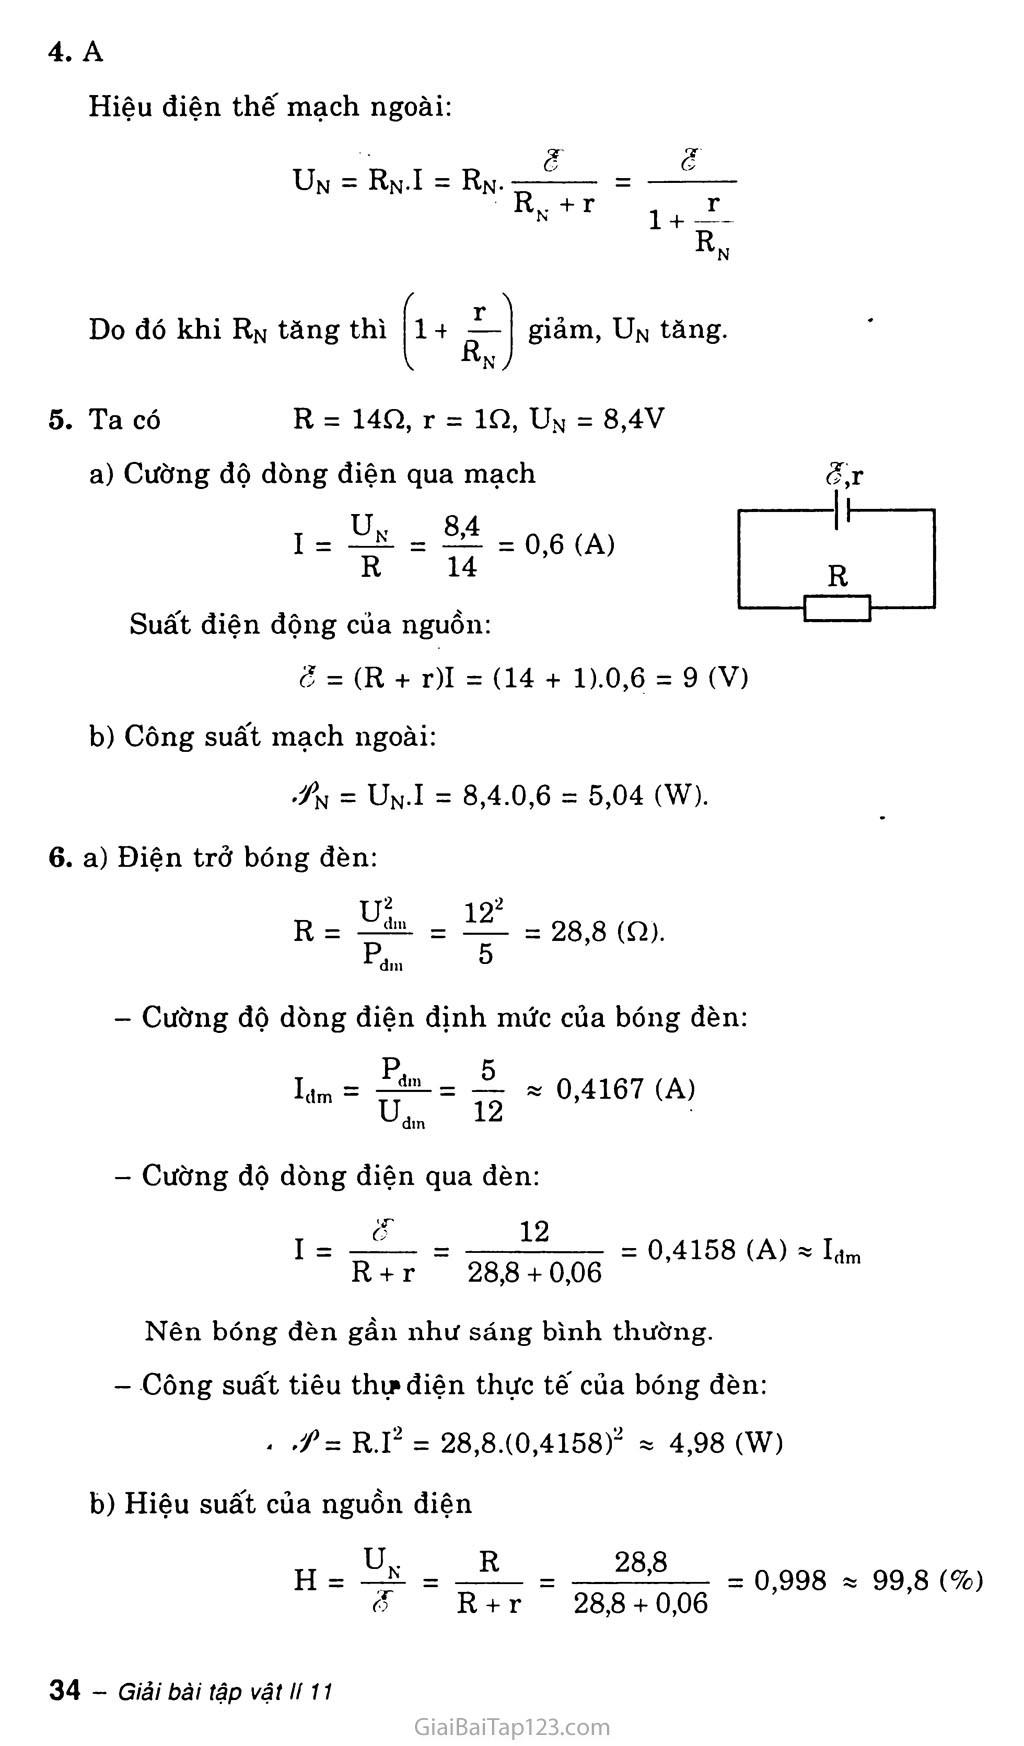 Bài 9: Định luật Ôm đối với toàn mạch trang 4